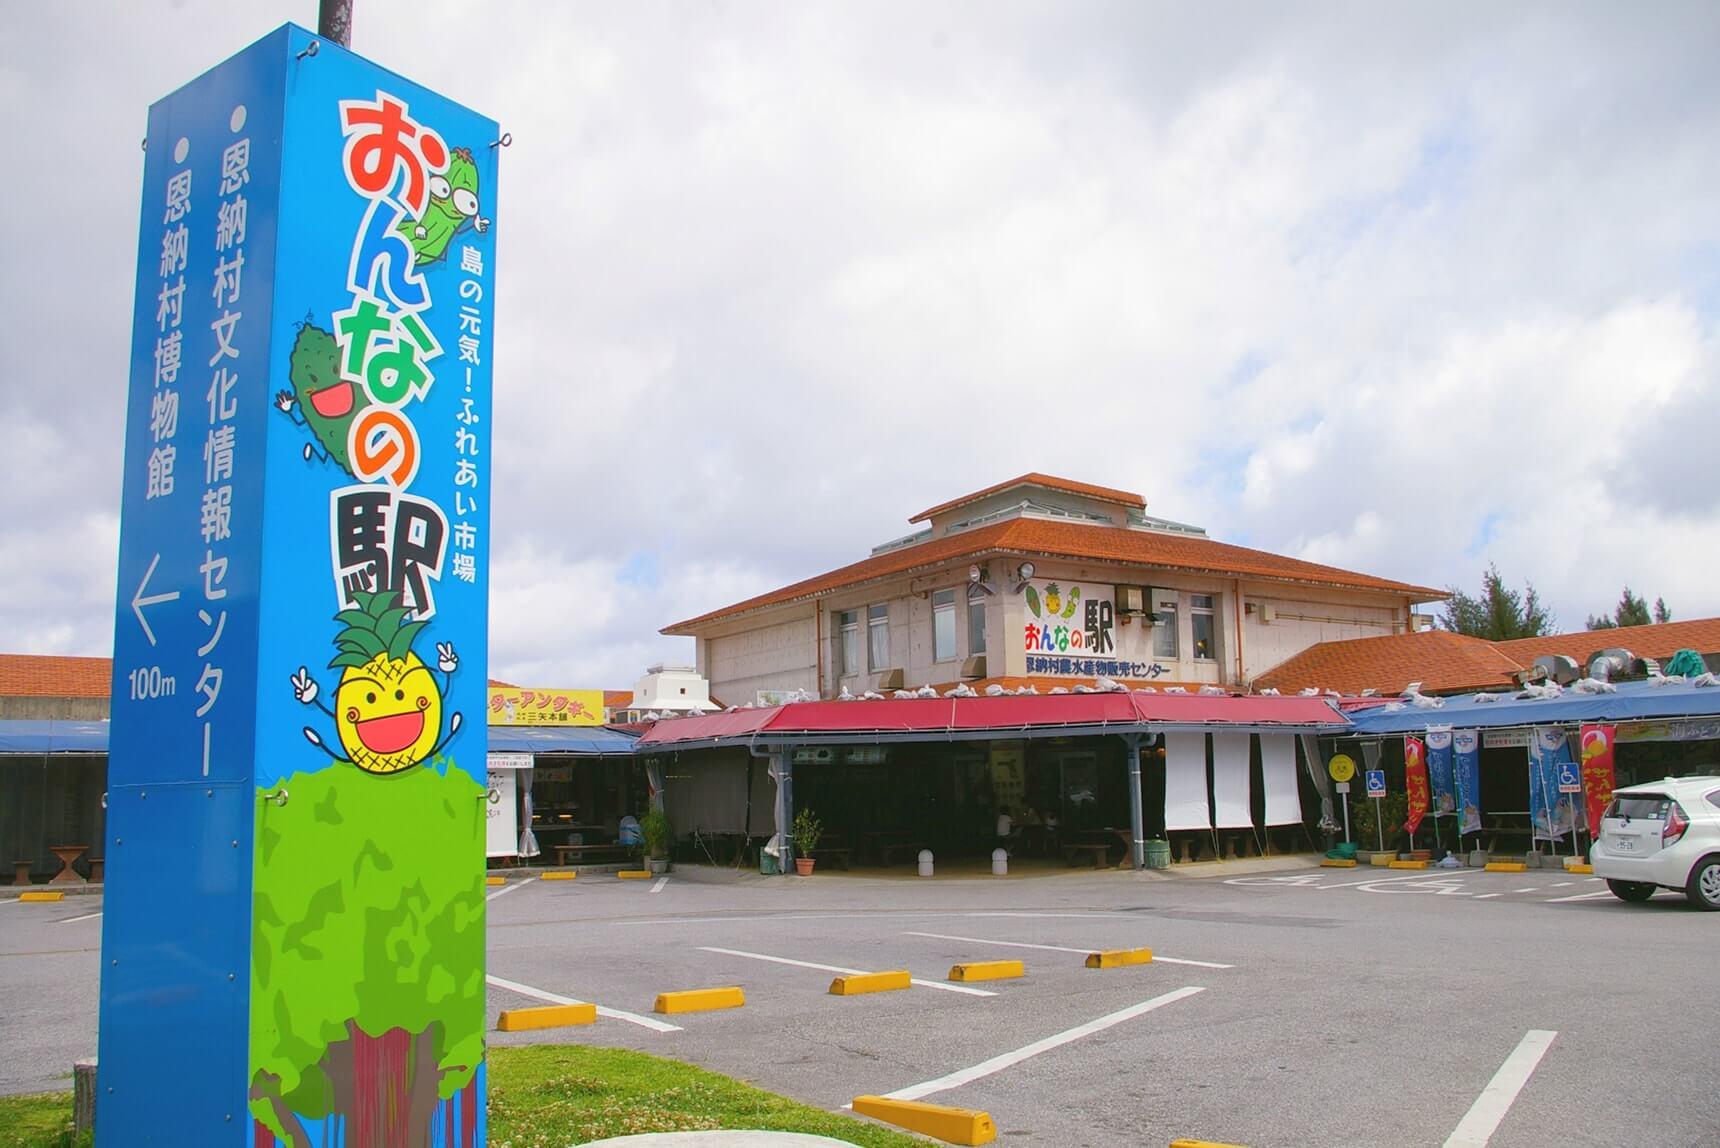 Nakayukui Ichiba Market